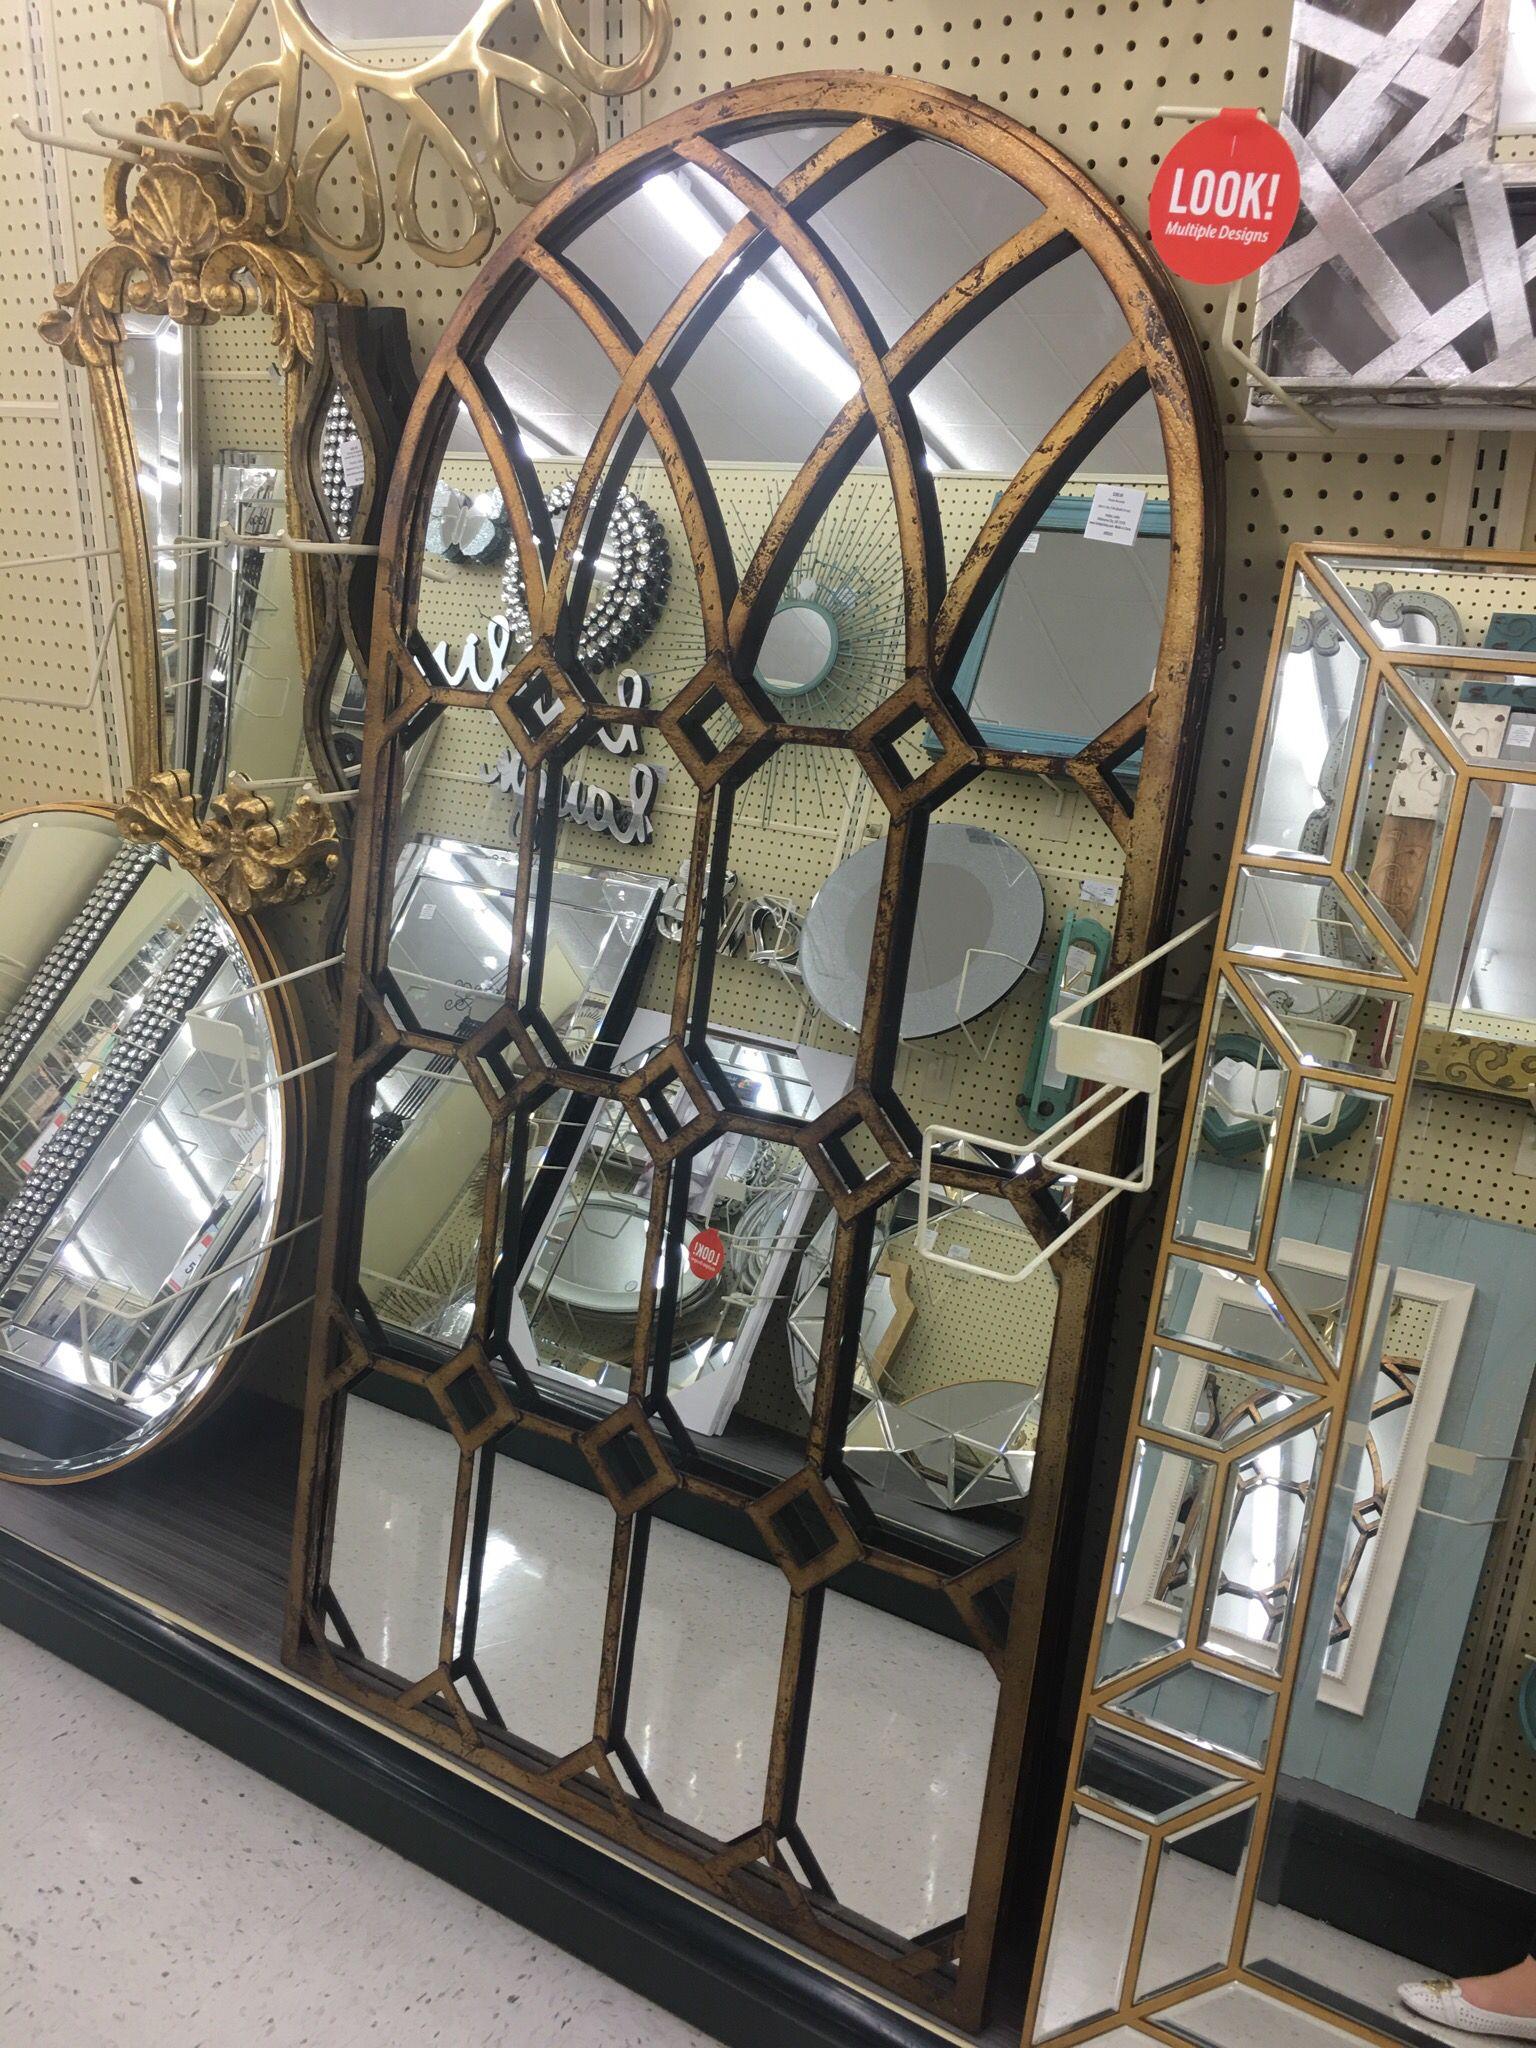 Gothic antique mirror from Hobby Lobby Hobby lobby